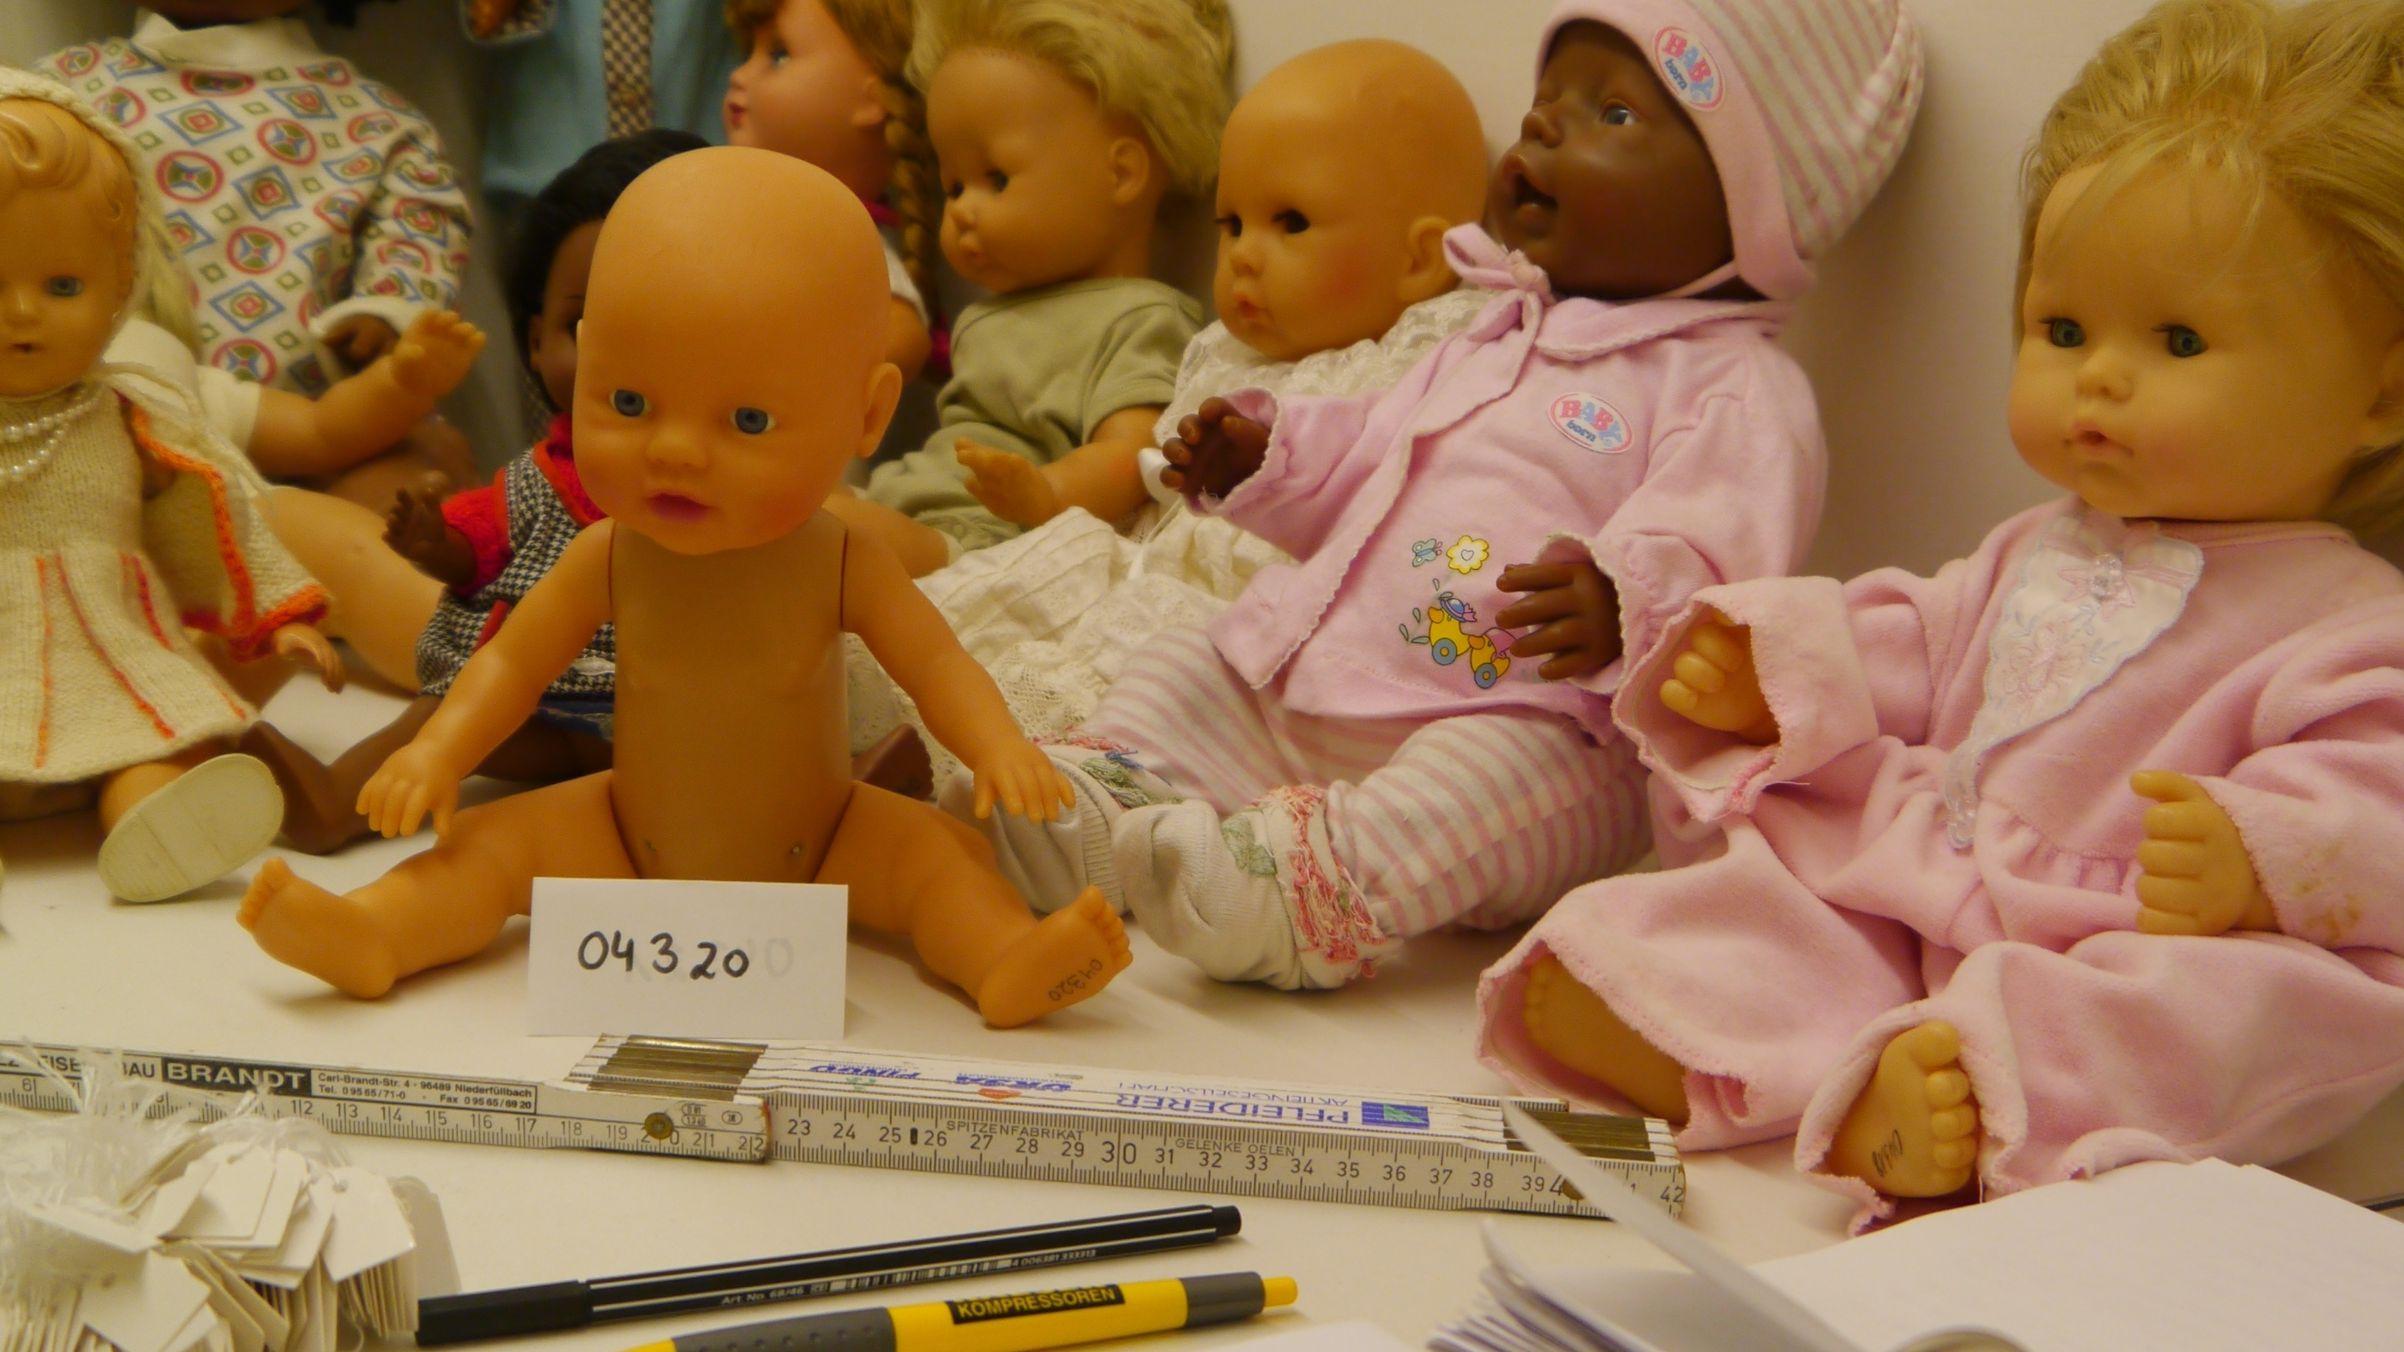 Auf einem Tisch sitzen mehrere Puppen, davor ein Zollstock und Stifte für die Inventarisierung der Puppen.